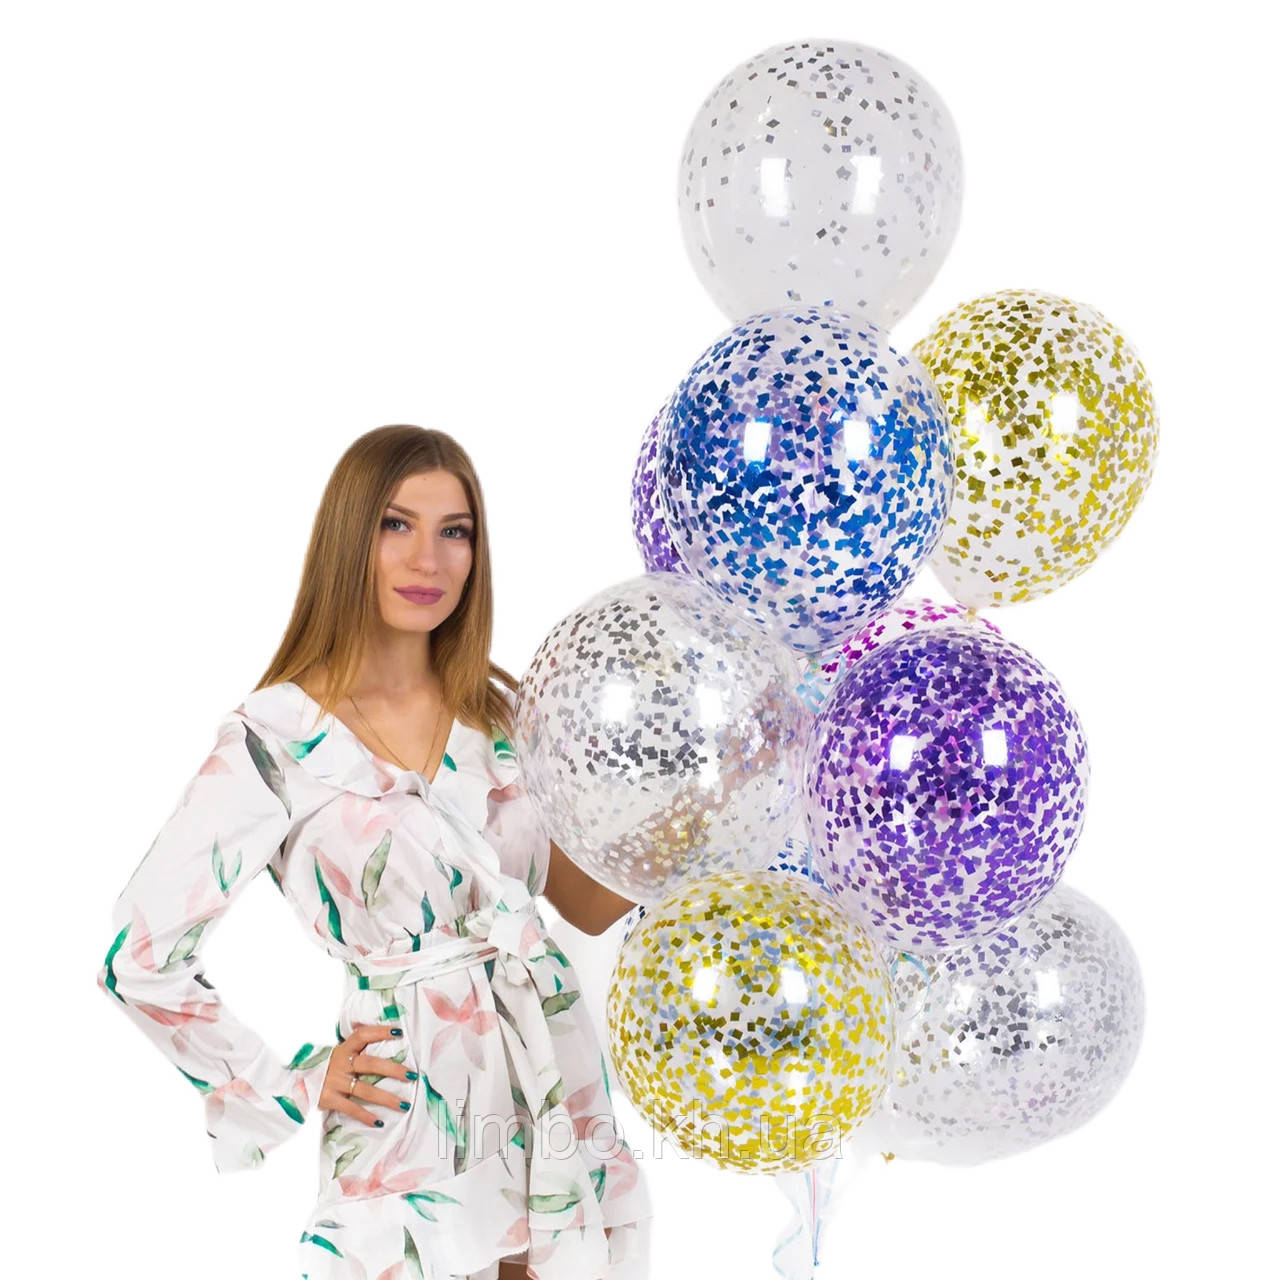 Гелієві кульки на день народження з конфетті